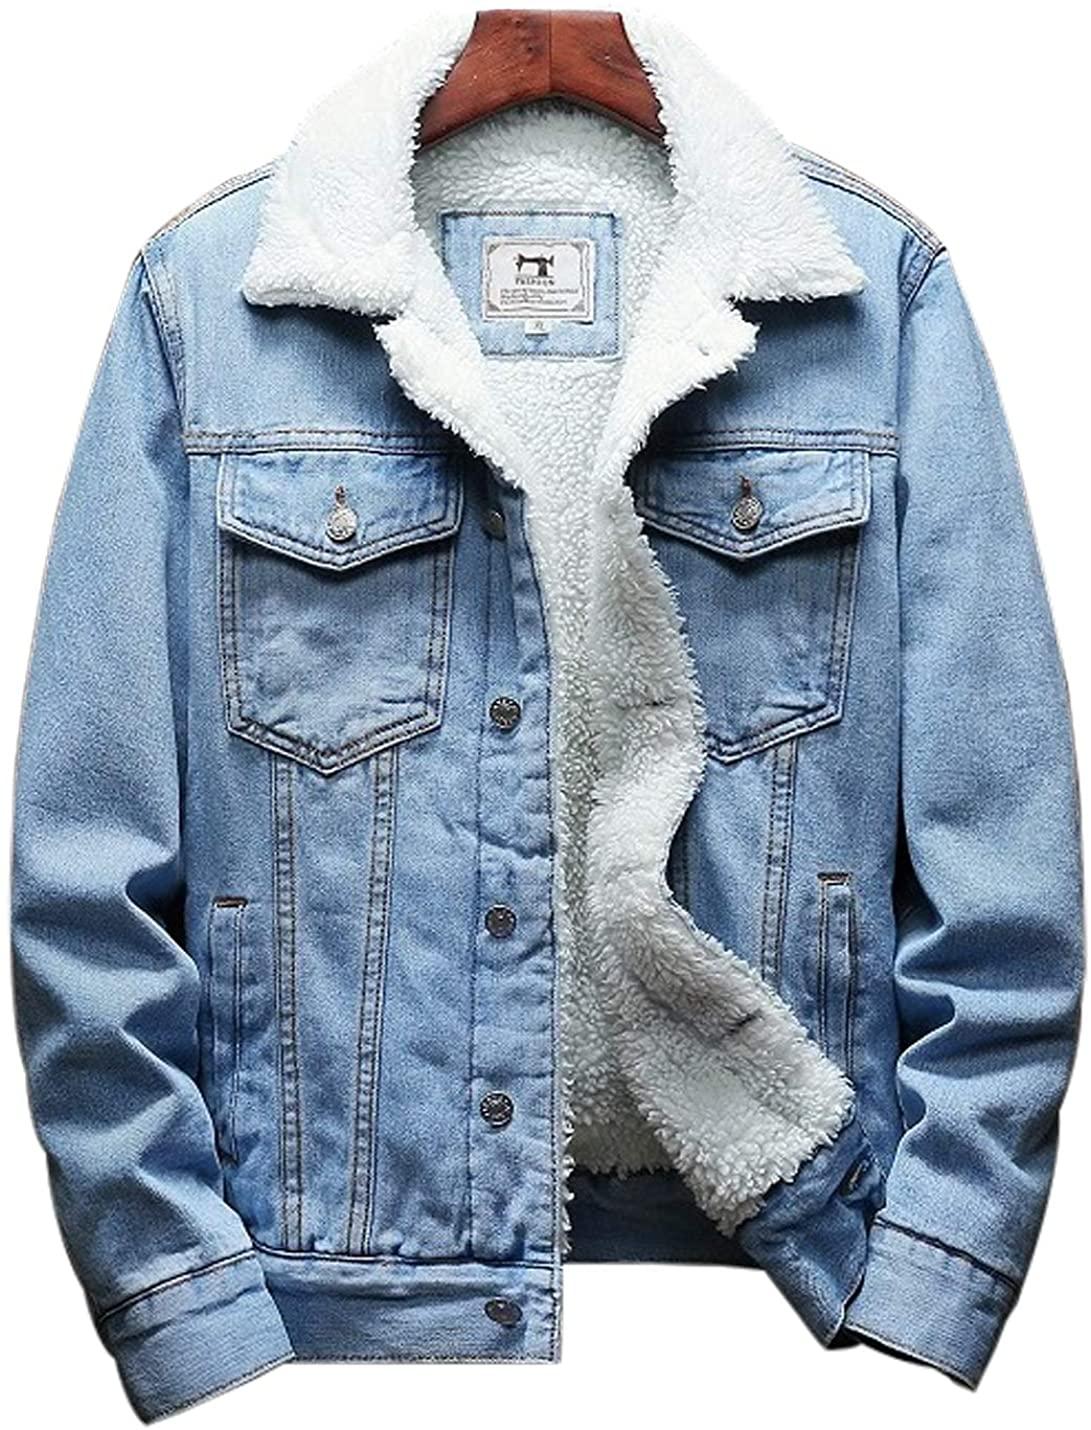 Jenkoon Mens Sherpa Lined Denim Trucker Jacket Winter Jean Coat Outwear